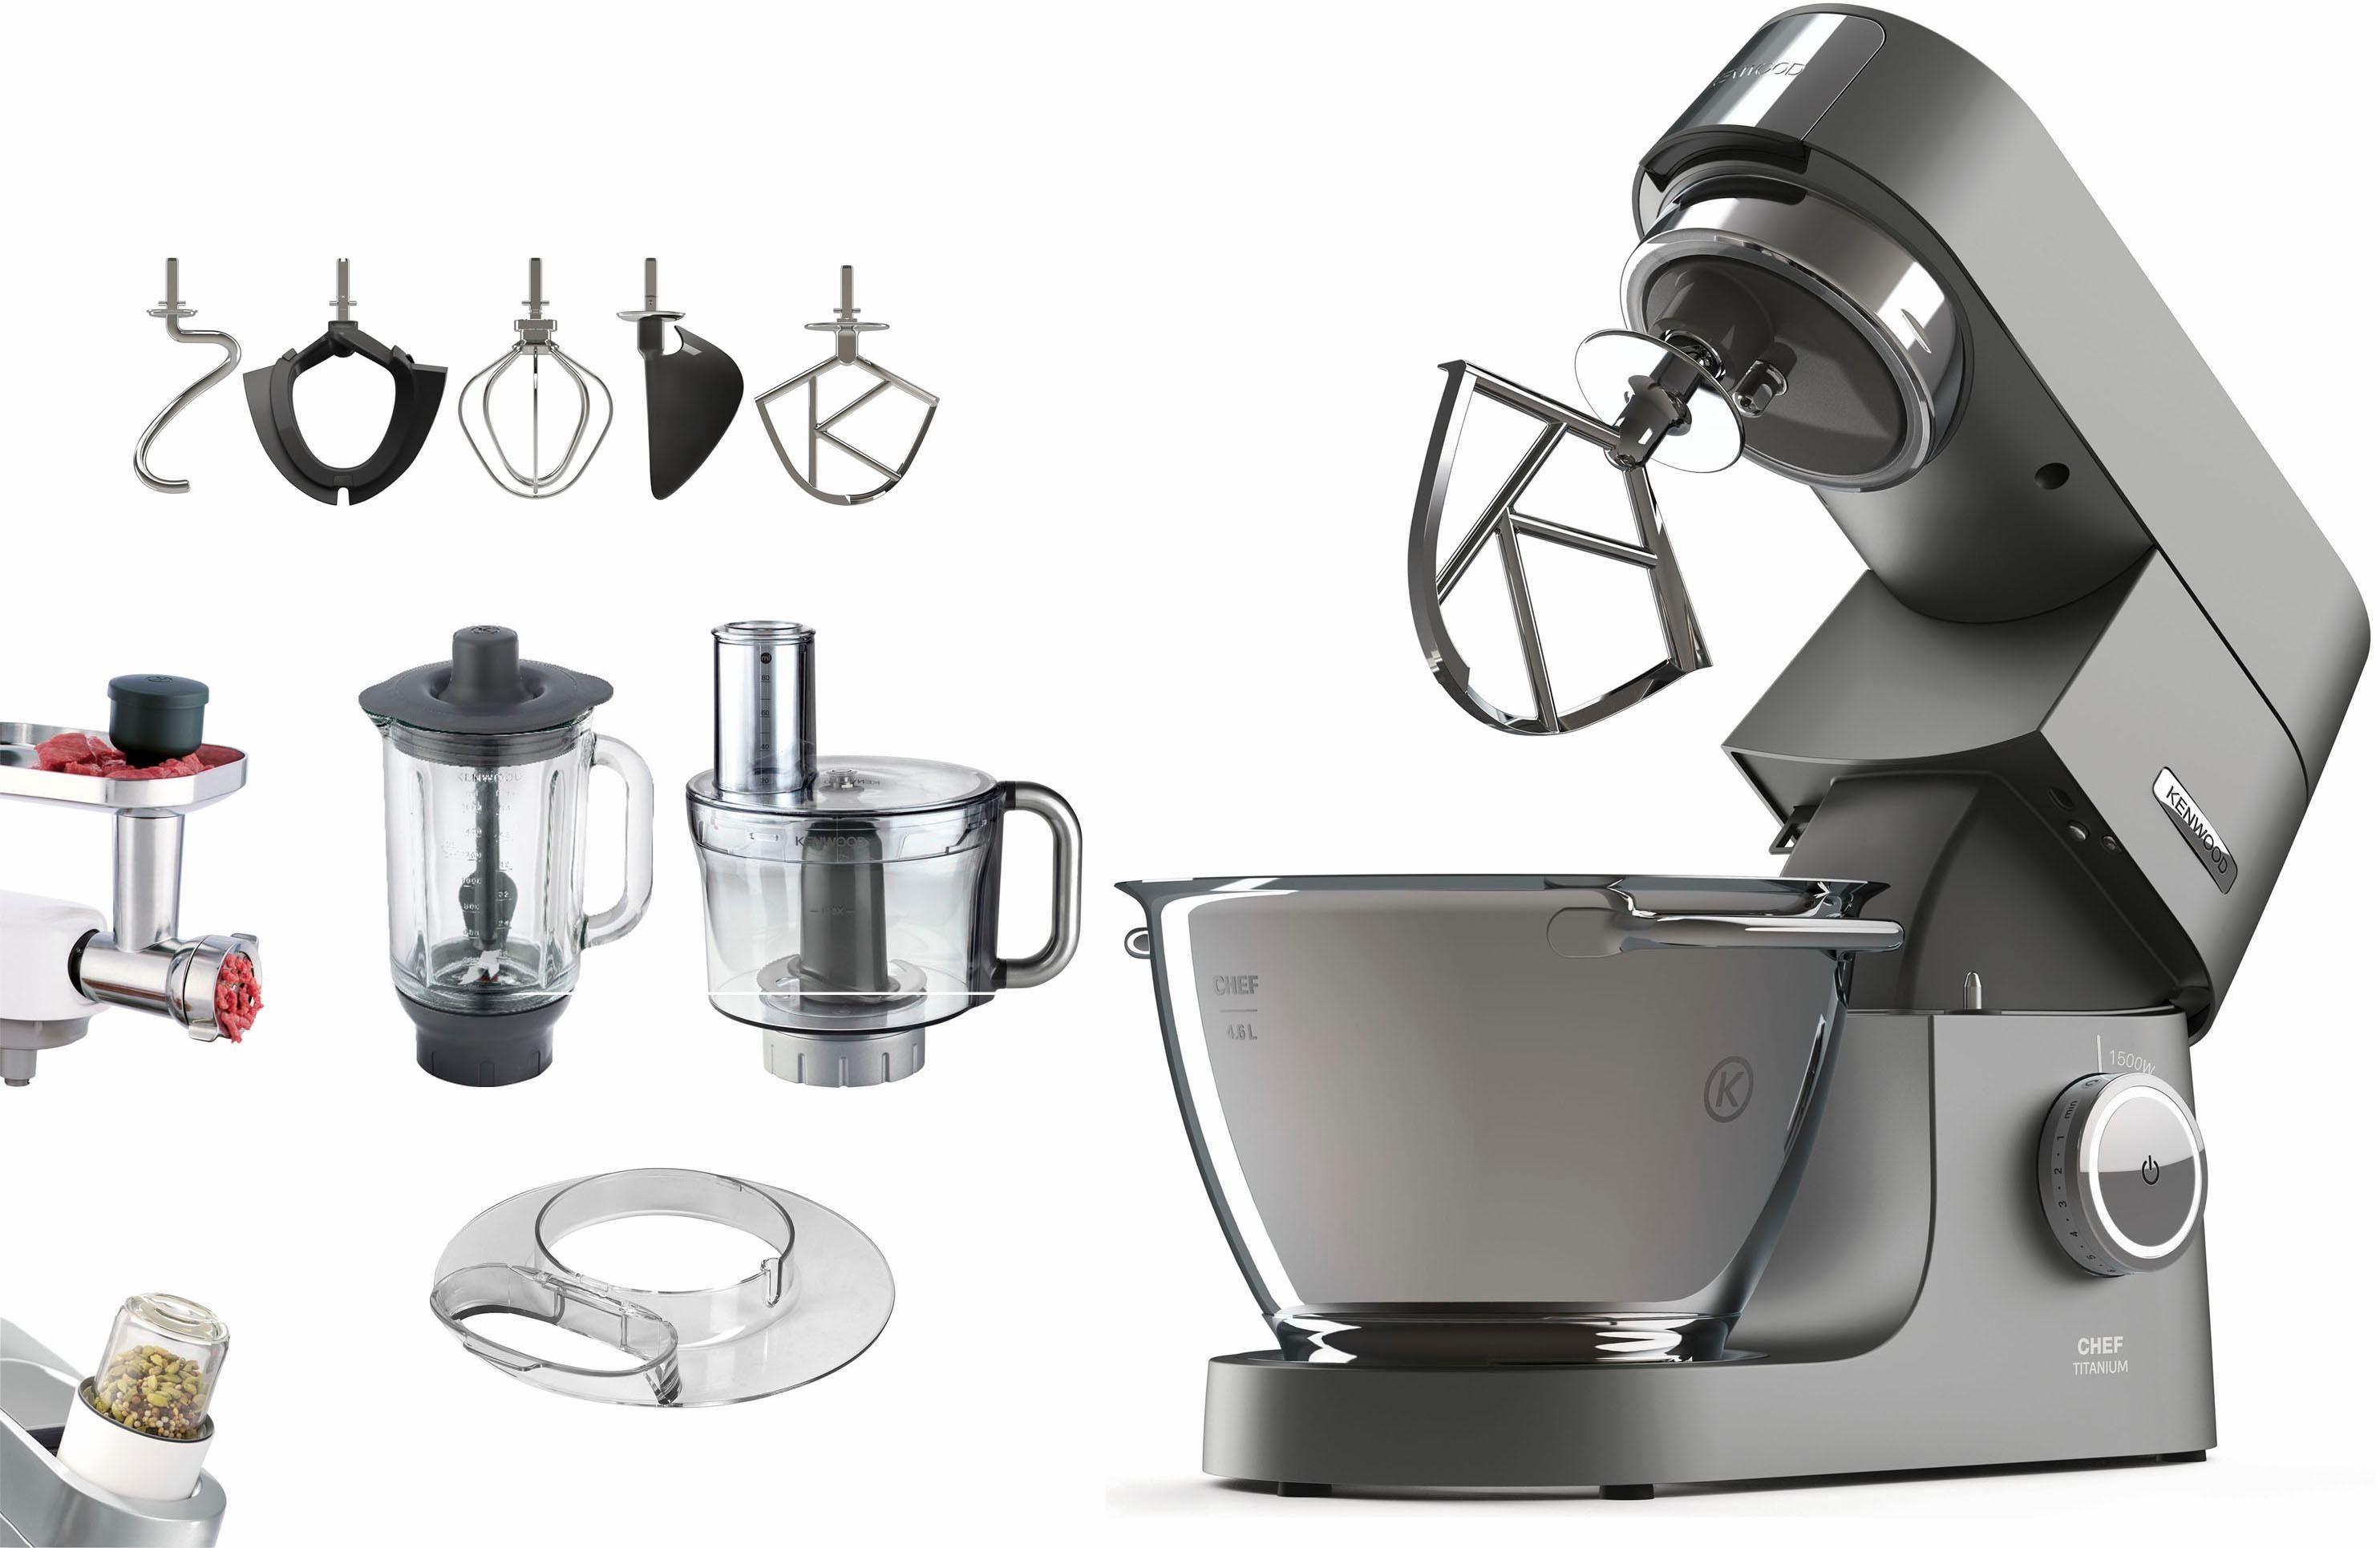 Kenwood Küchenmaschine Chef Titanium KVC7320S + Zubehörpaket im Wert von UVP € 419,96, 4,6 Liter